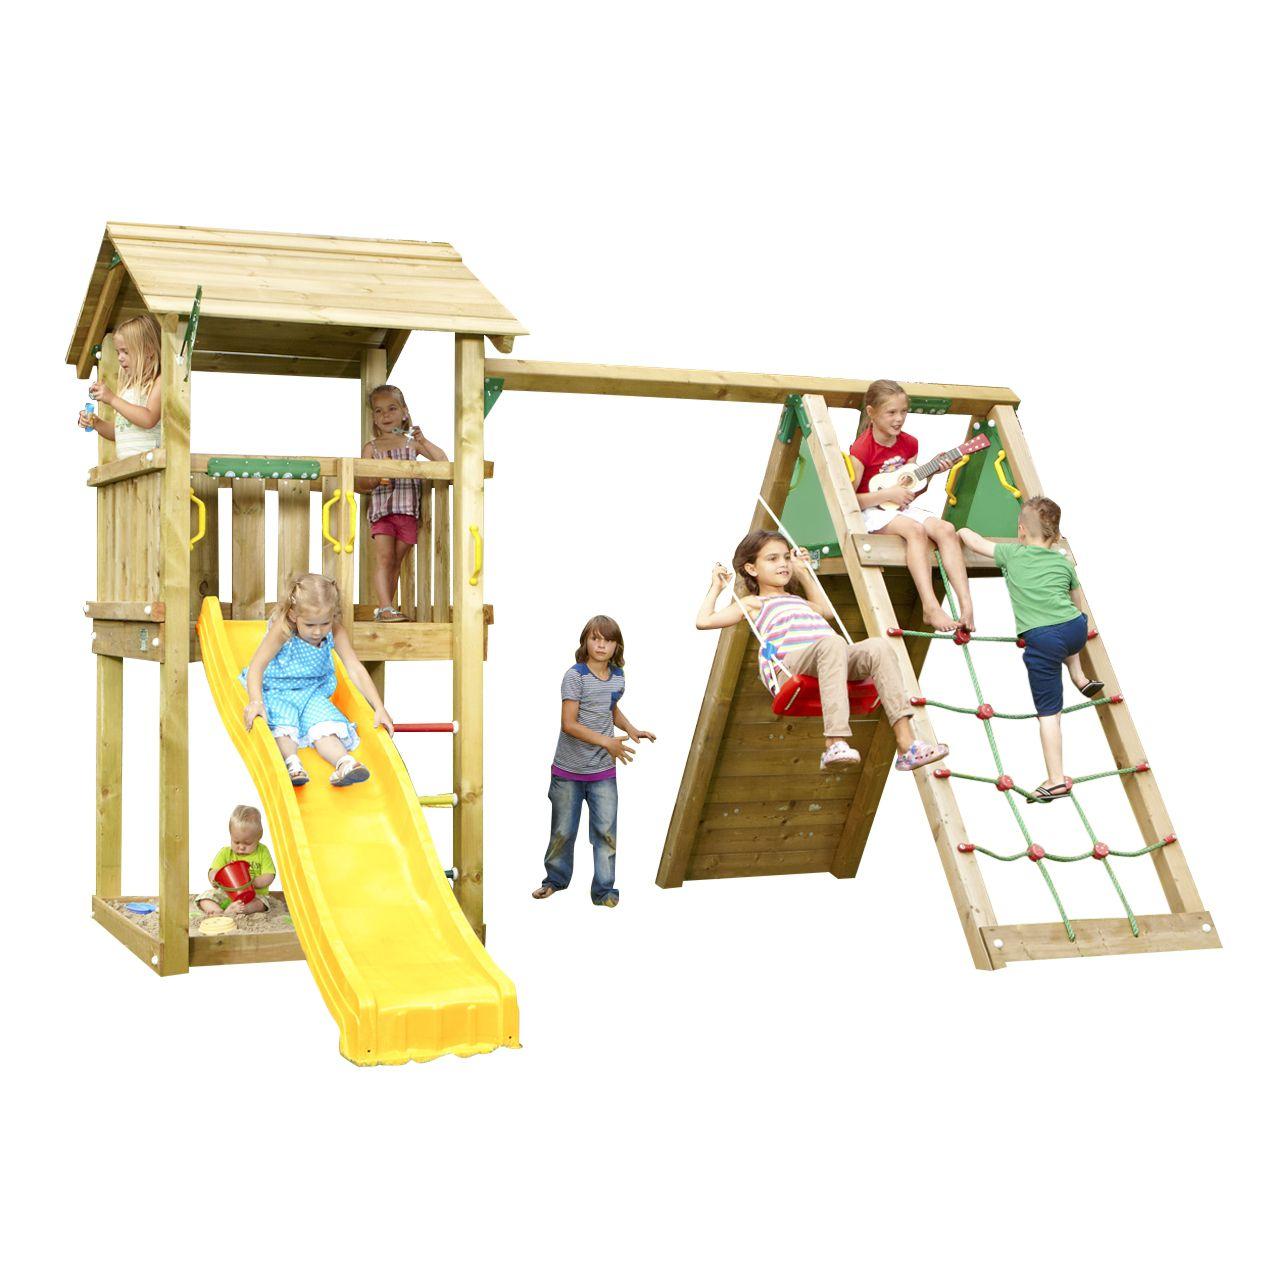 Neu Spielturm mit Wasserrutsche, Schaukel, Kletterwand und Sandkasten  QU72